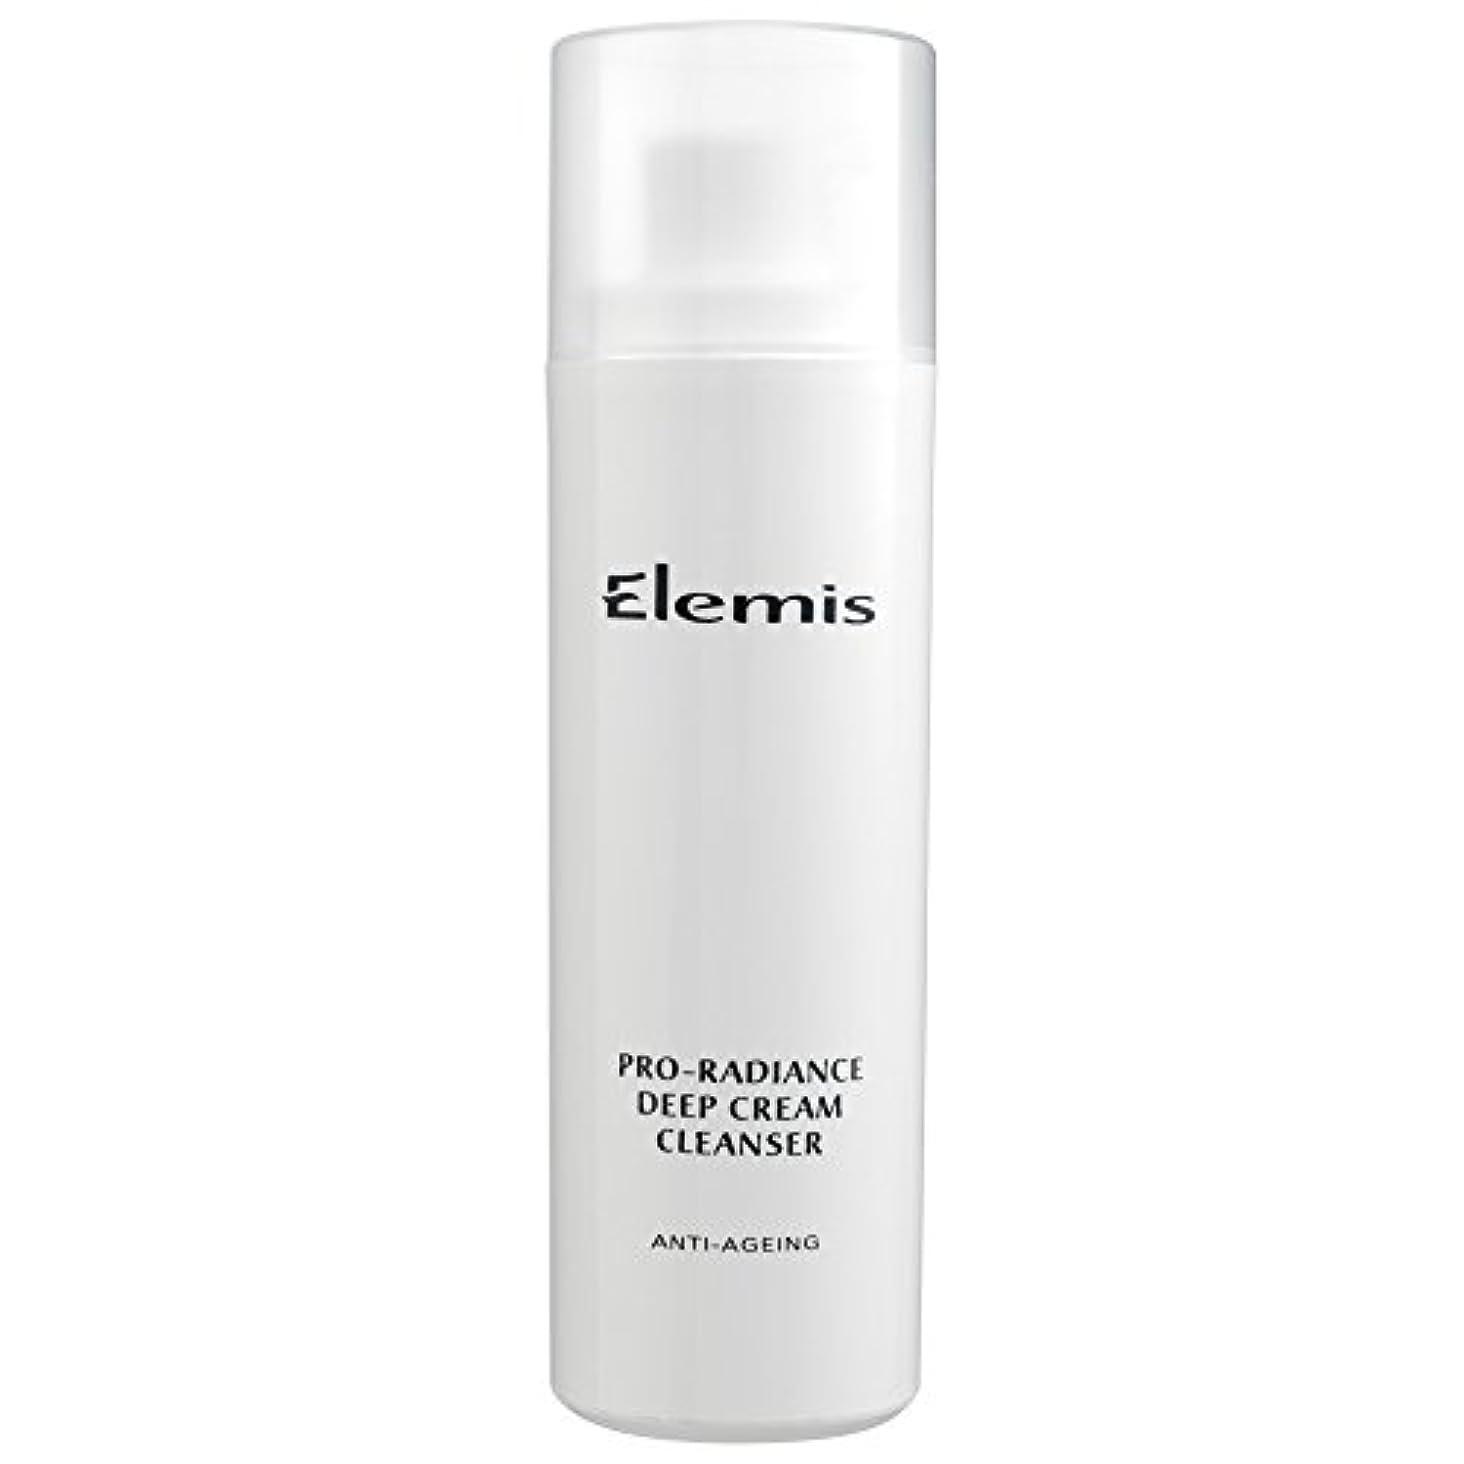 キャンバス霊動物園エレミスプロ輝きクリームクレンザー、150ミリリットル (Elemis) (x6) - Elemis Pro-Radiance Cream Cleanser, 150ml (Pack of 6) [並行輸入品]